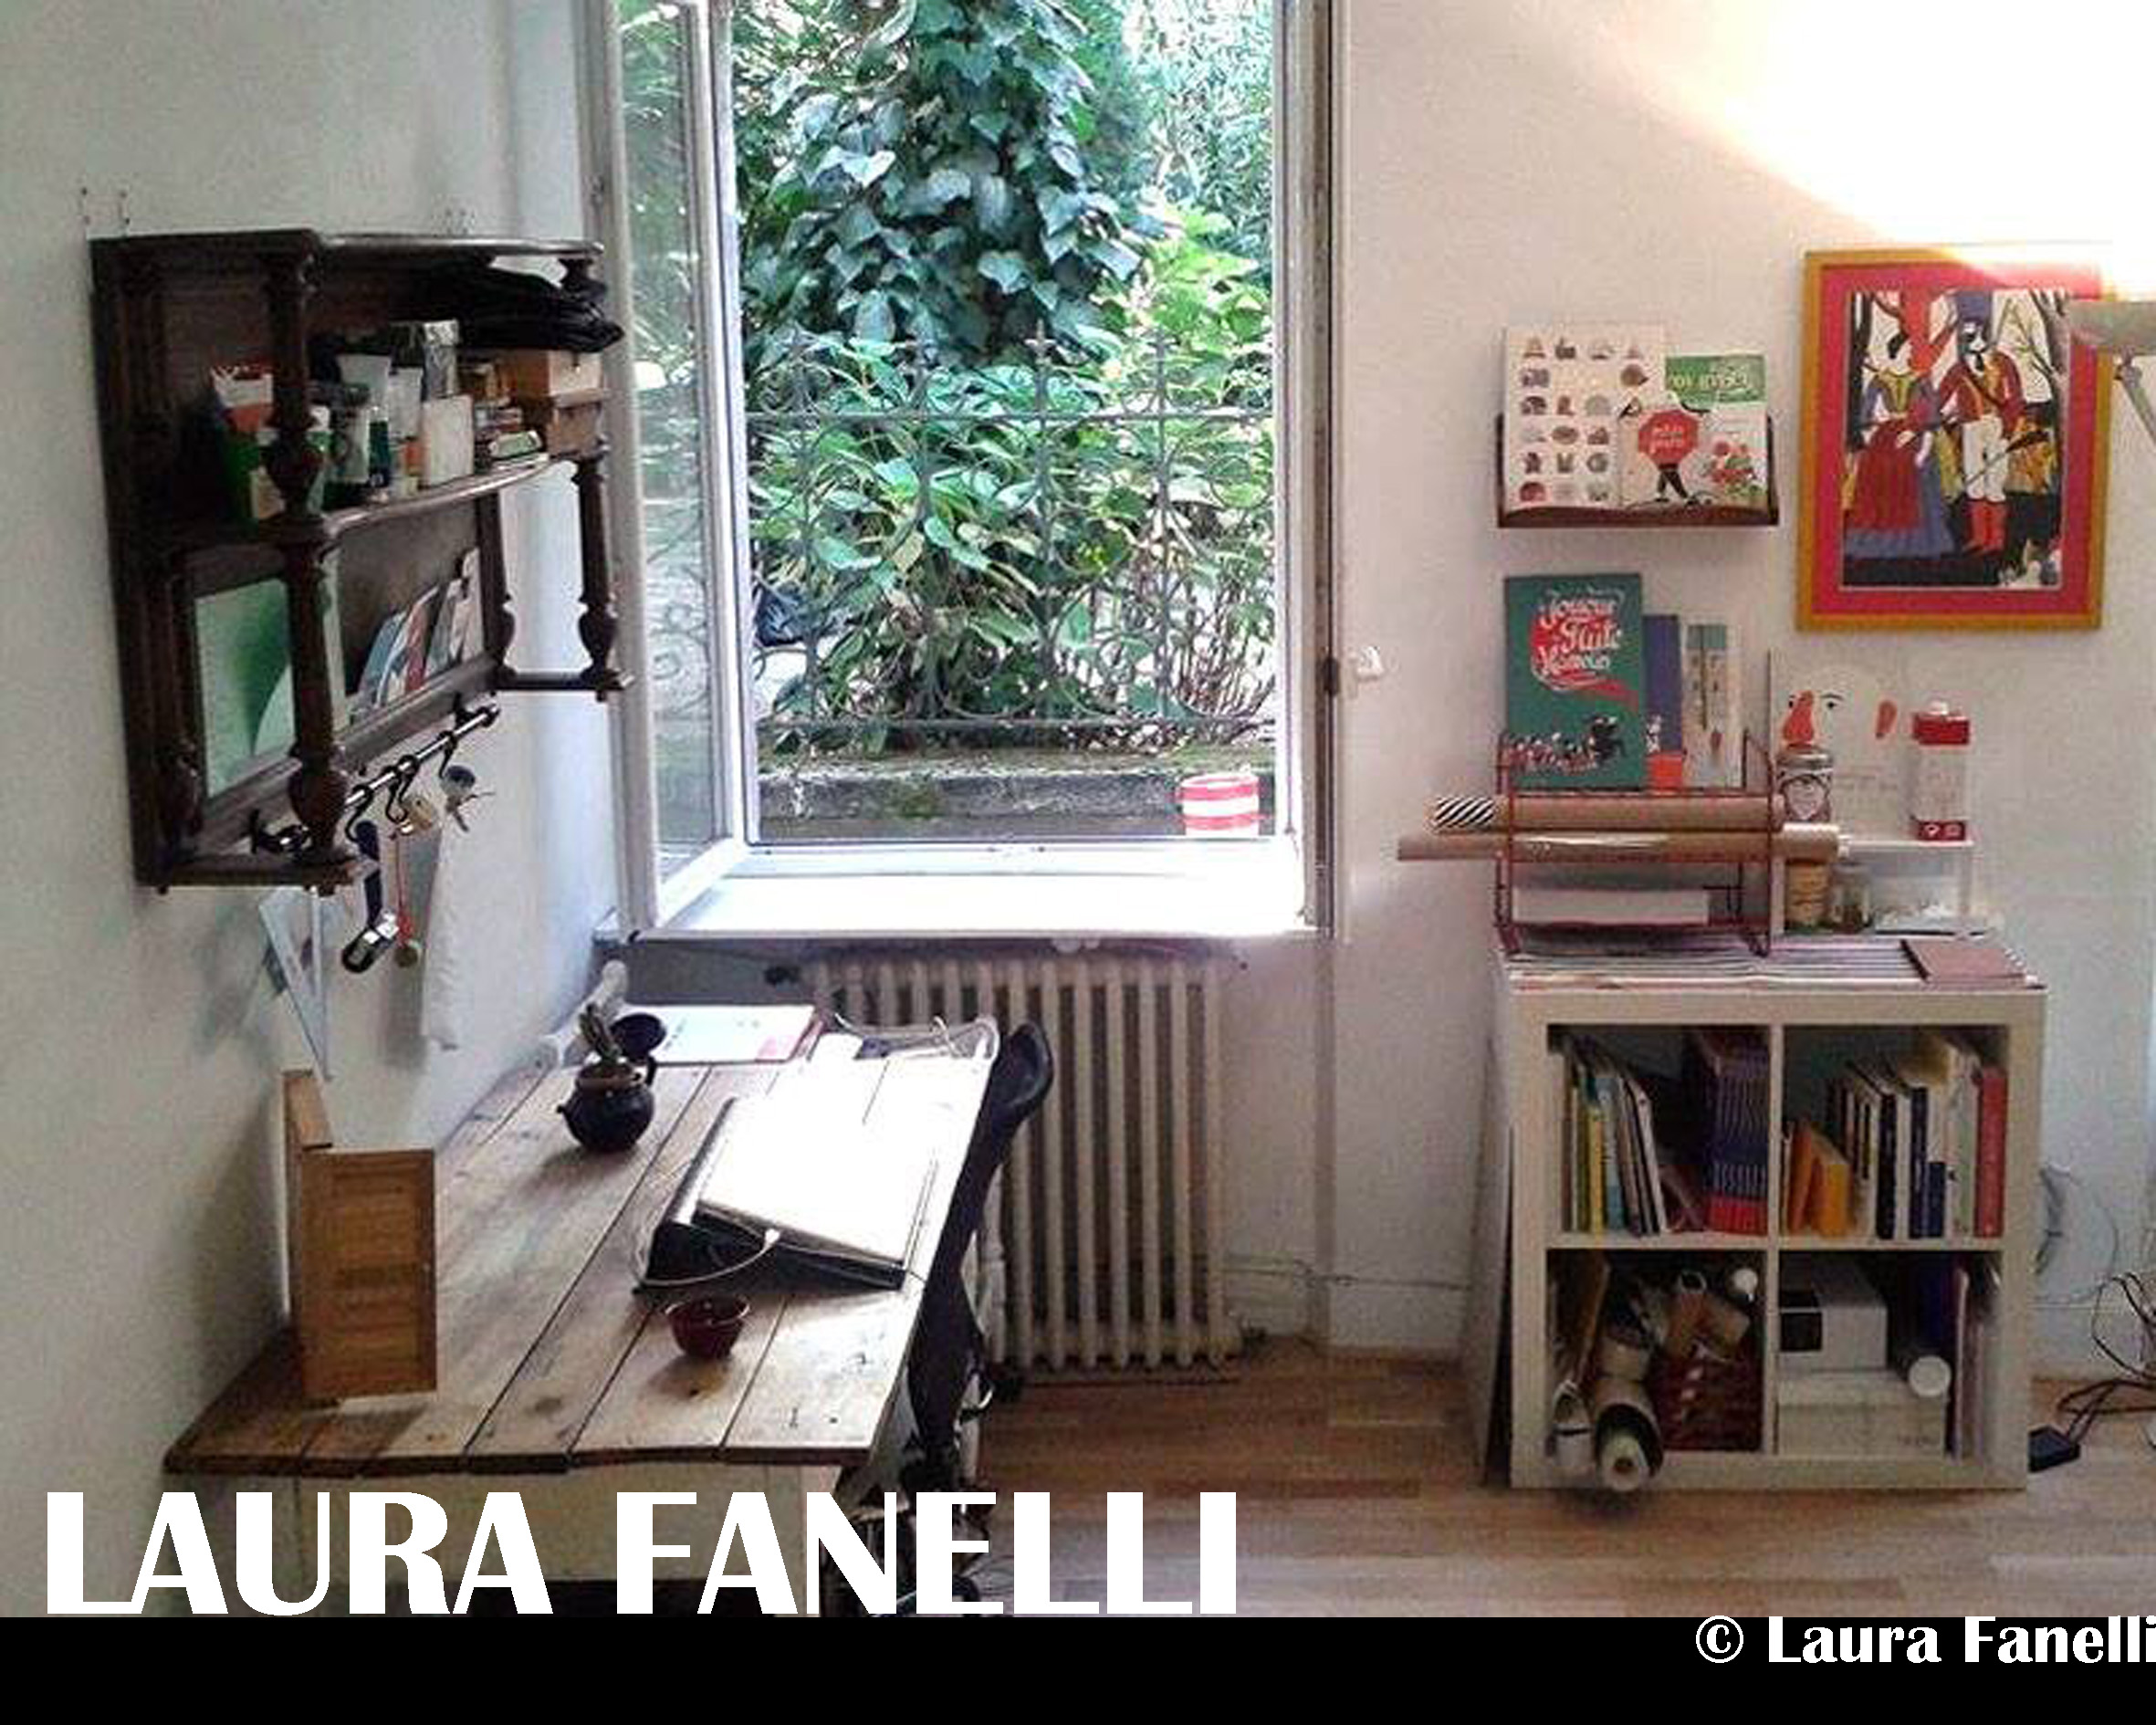 Laura Fanelli